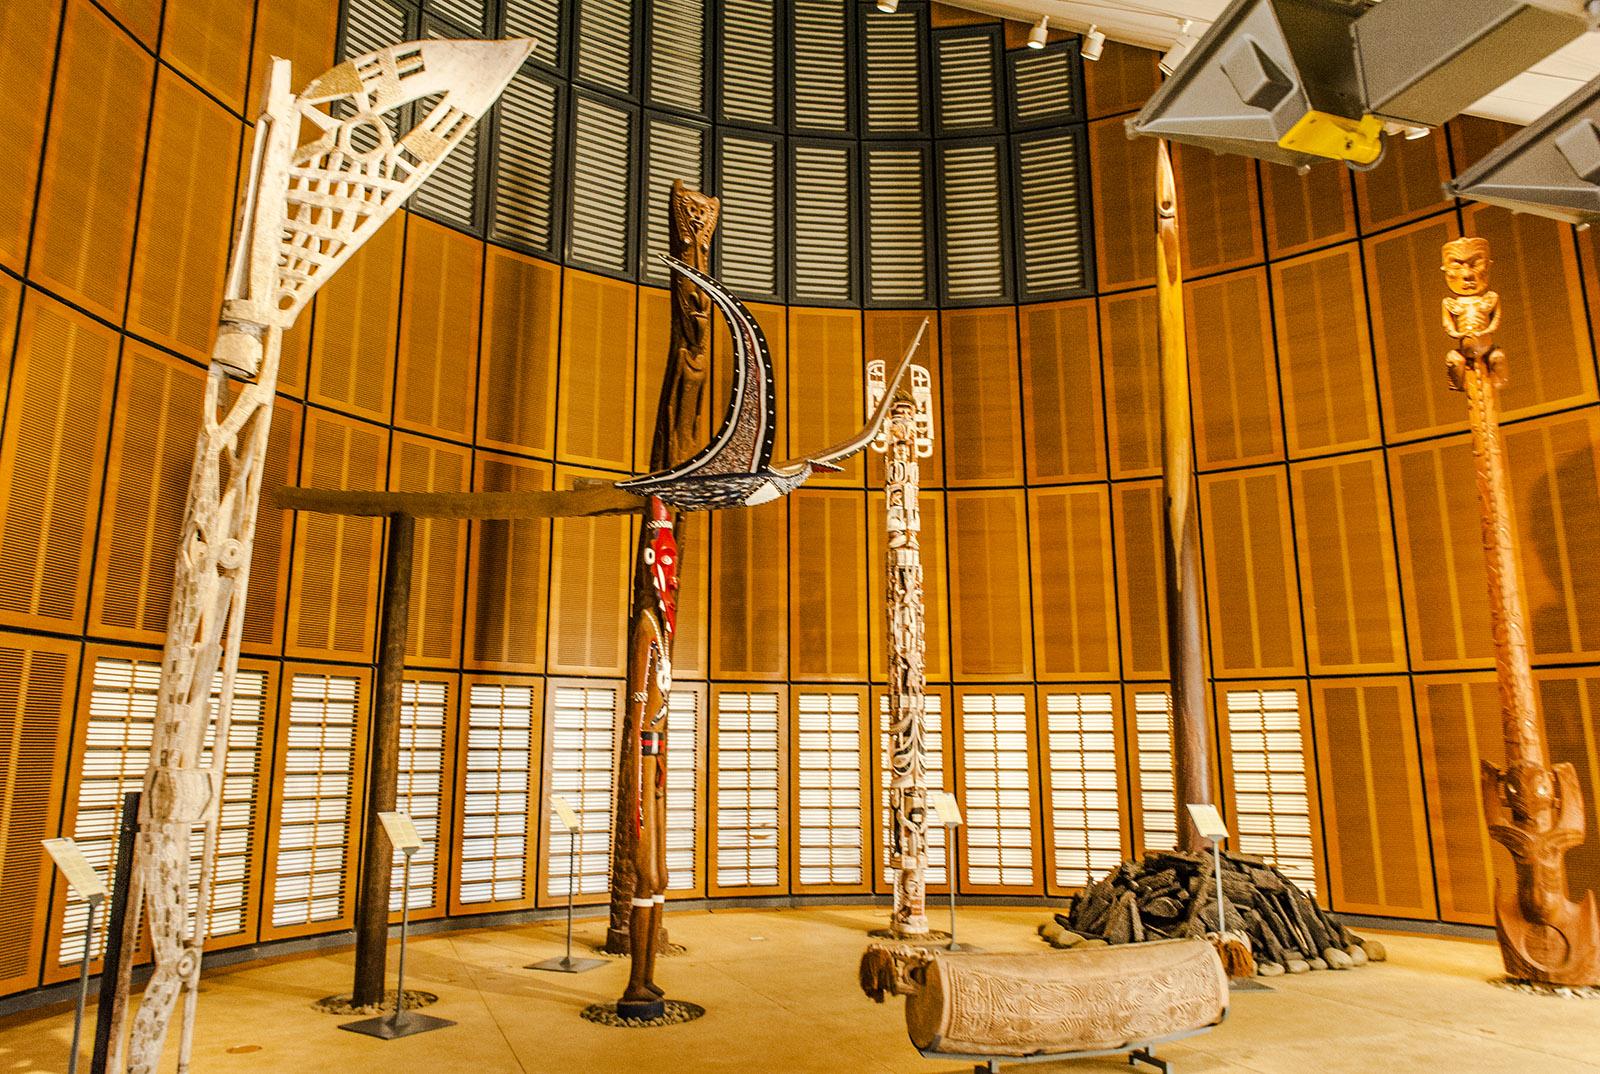 """Neukaledonien: Im Tjibaou-Kulturzentrum der Kanaken werden in einer """"case"""" aus andere indigene Kulturen des Pazifiks vorgestellt. Foto: Hilke Maunder"""